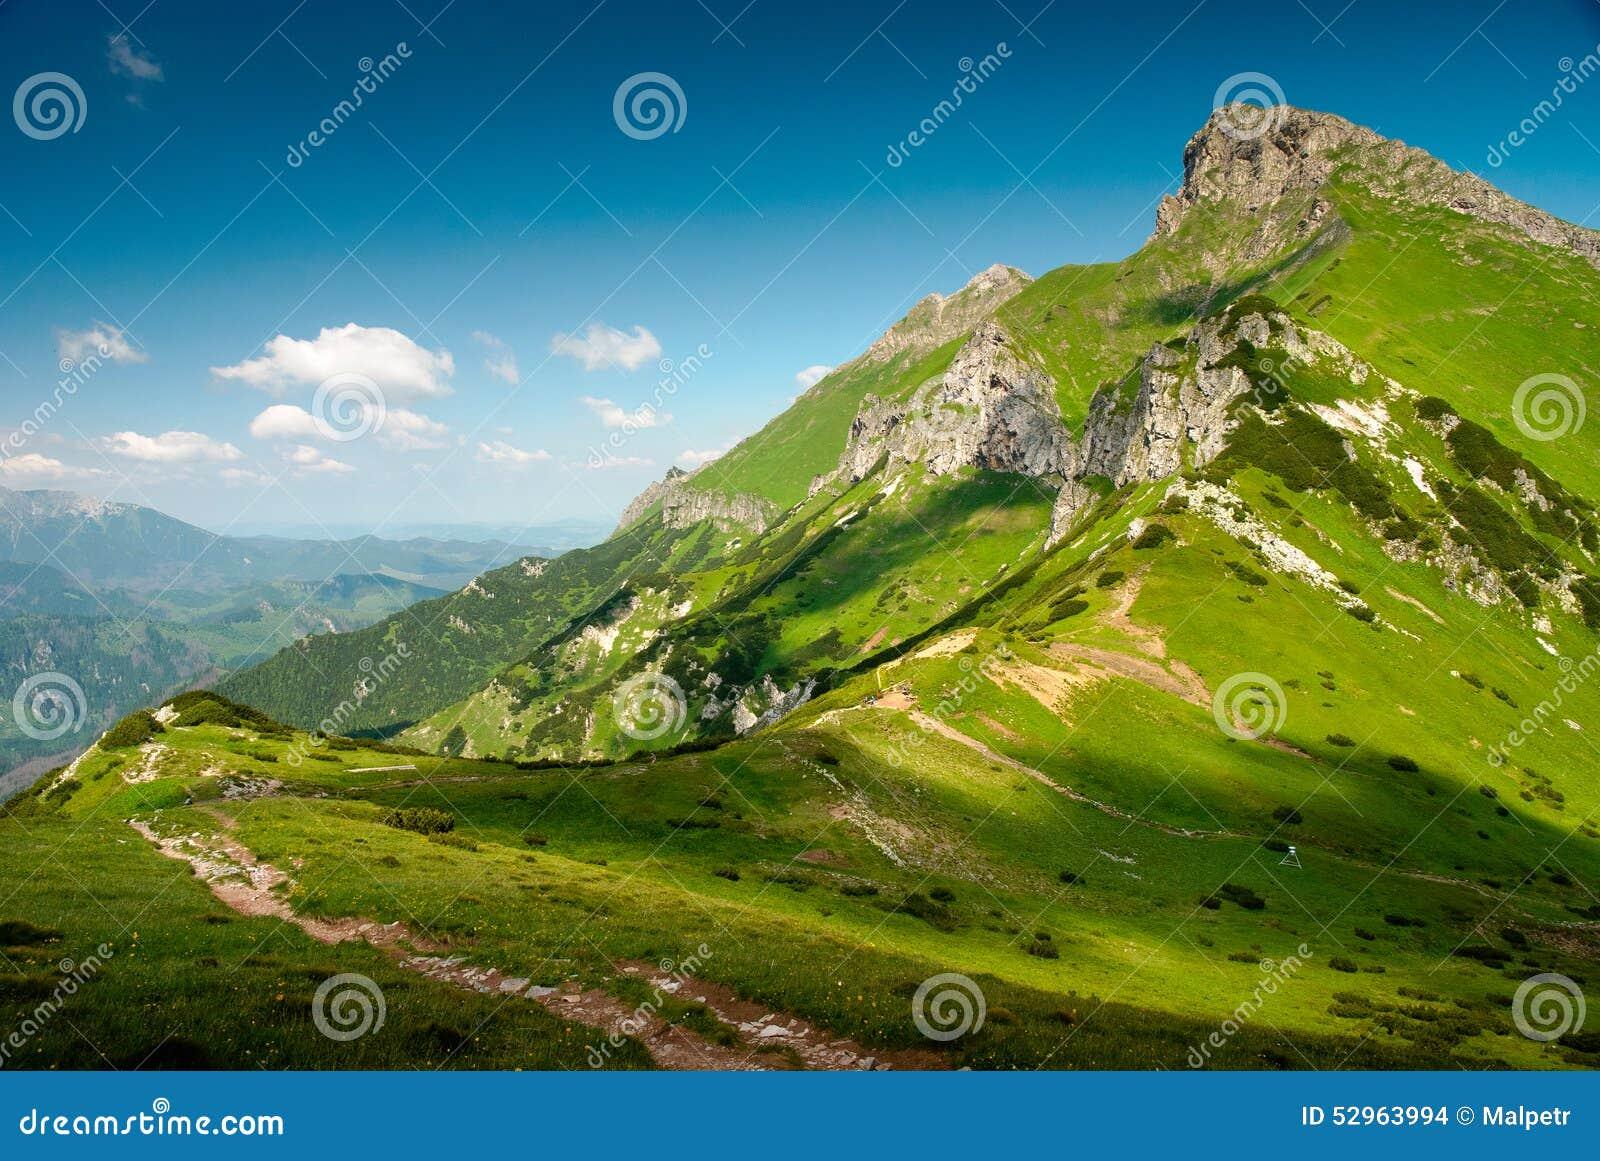 Paysage vert de cr te de montagne photo stock image for Paysage vert